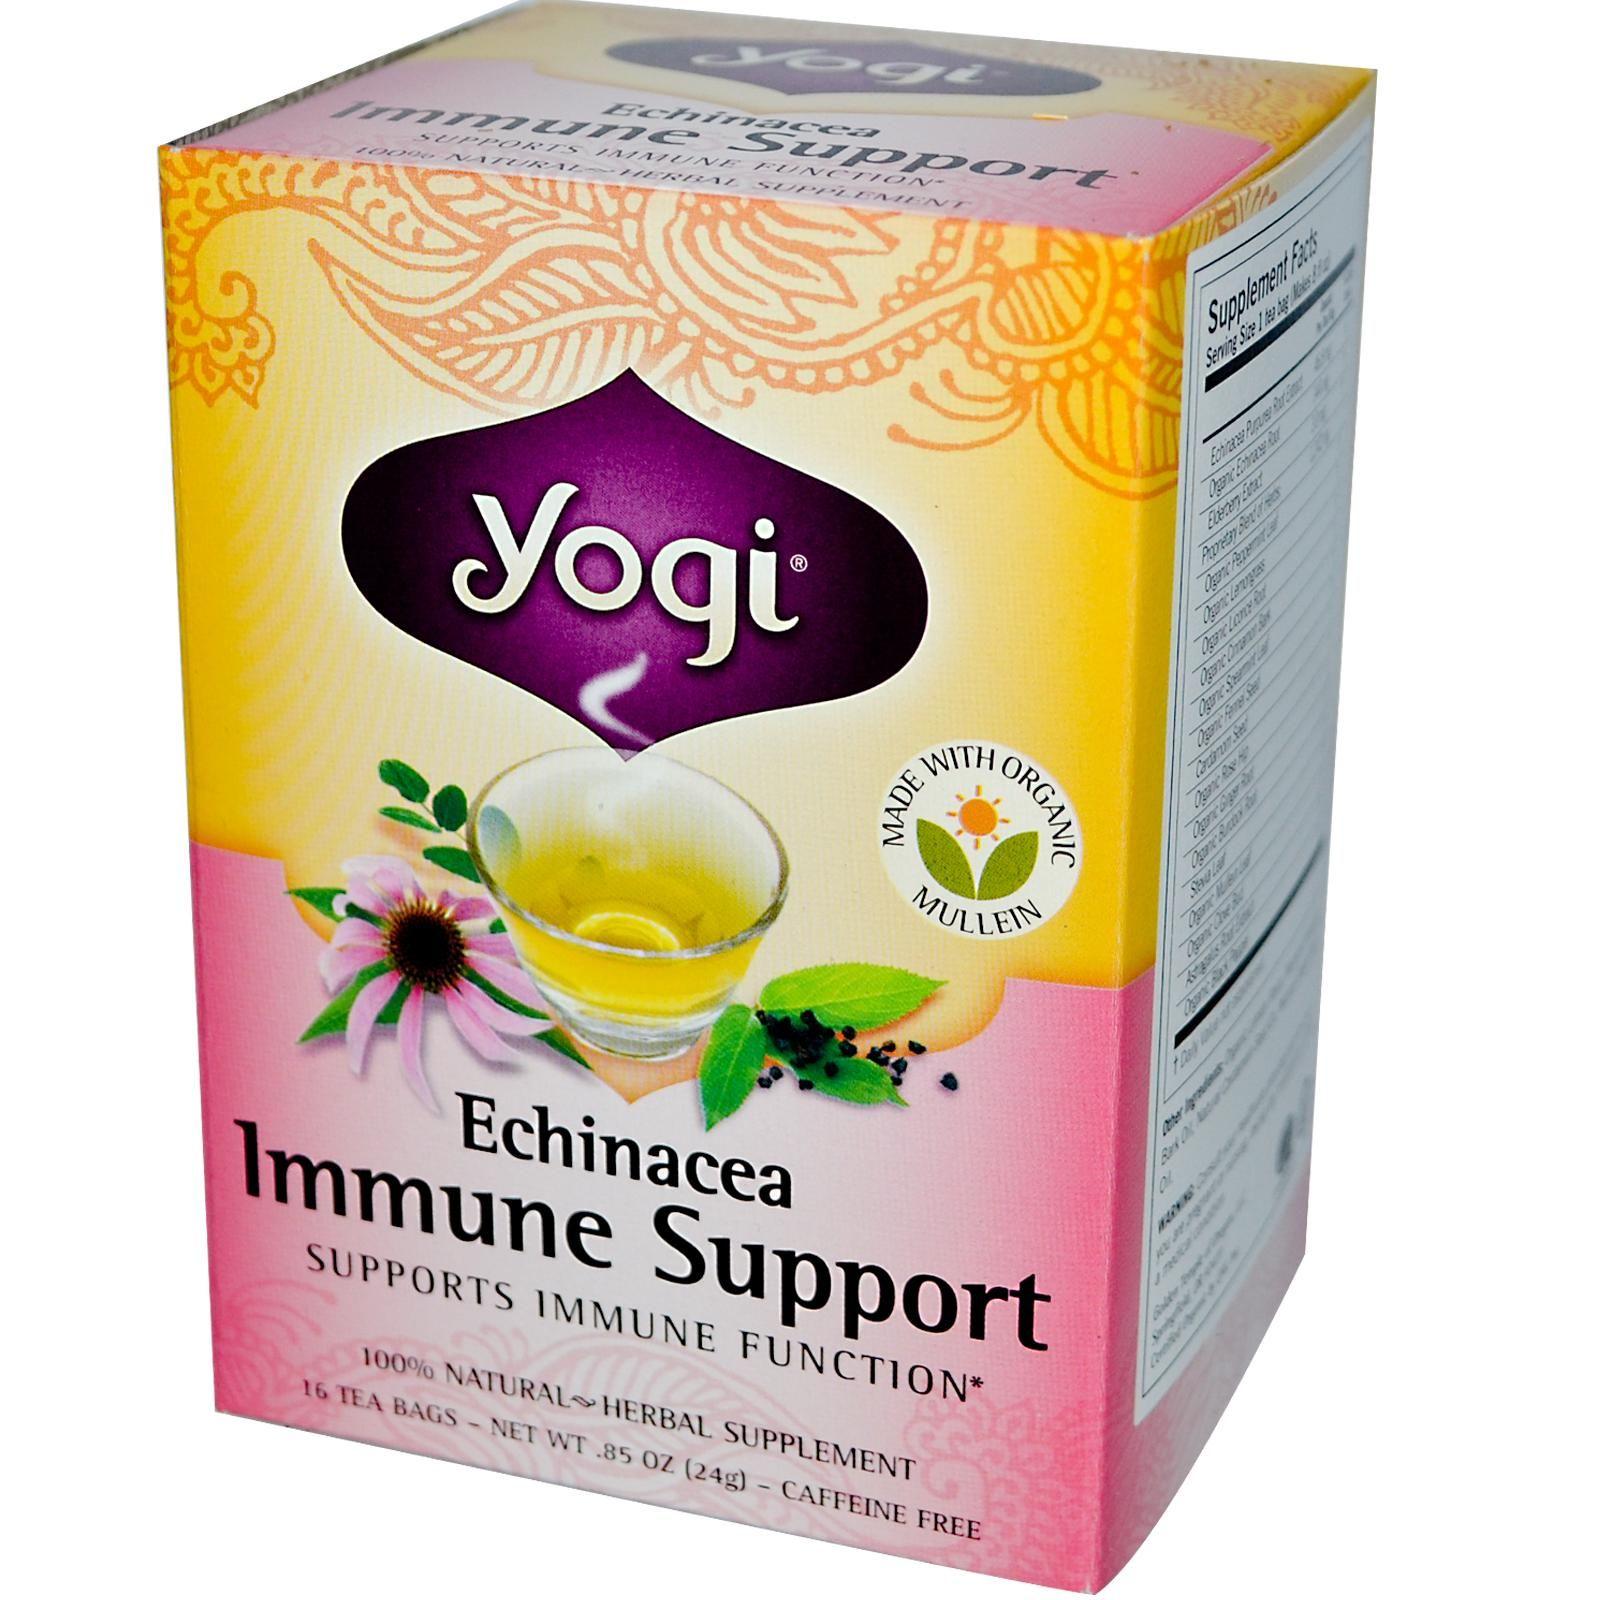 Yogi Tea Echinacea Immune Support Caffeine Free 16 Tea Bags 85 Oz 24 G Iherb Com Bruk Gjerne Rabattkoden Min Cec Bedtime Tea Yogi Tea Detox Tea Yogi